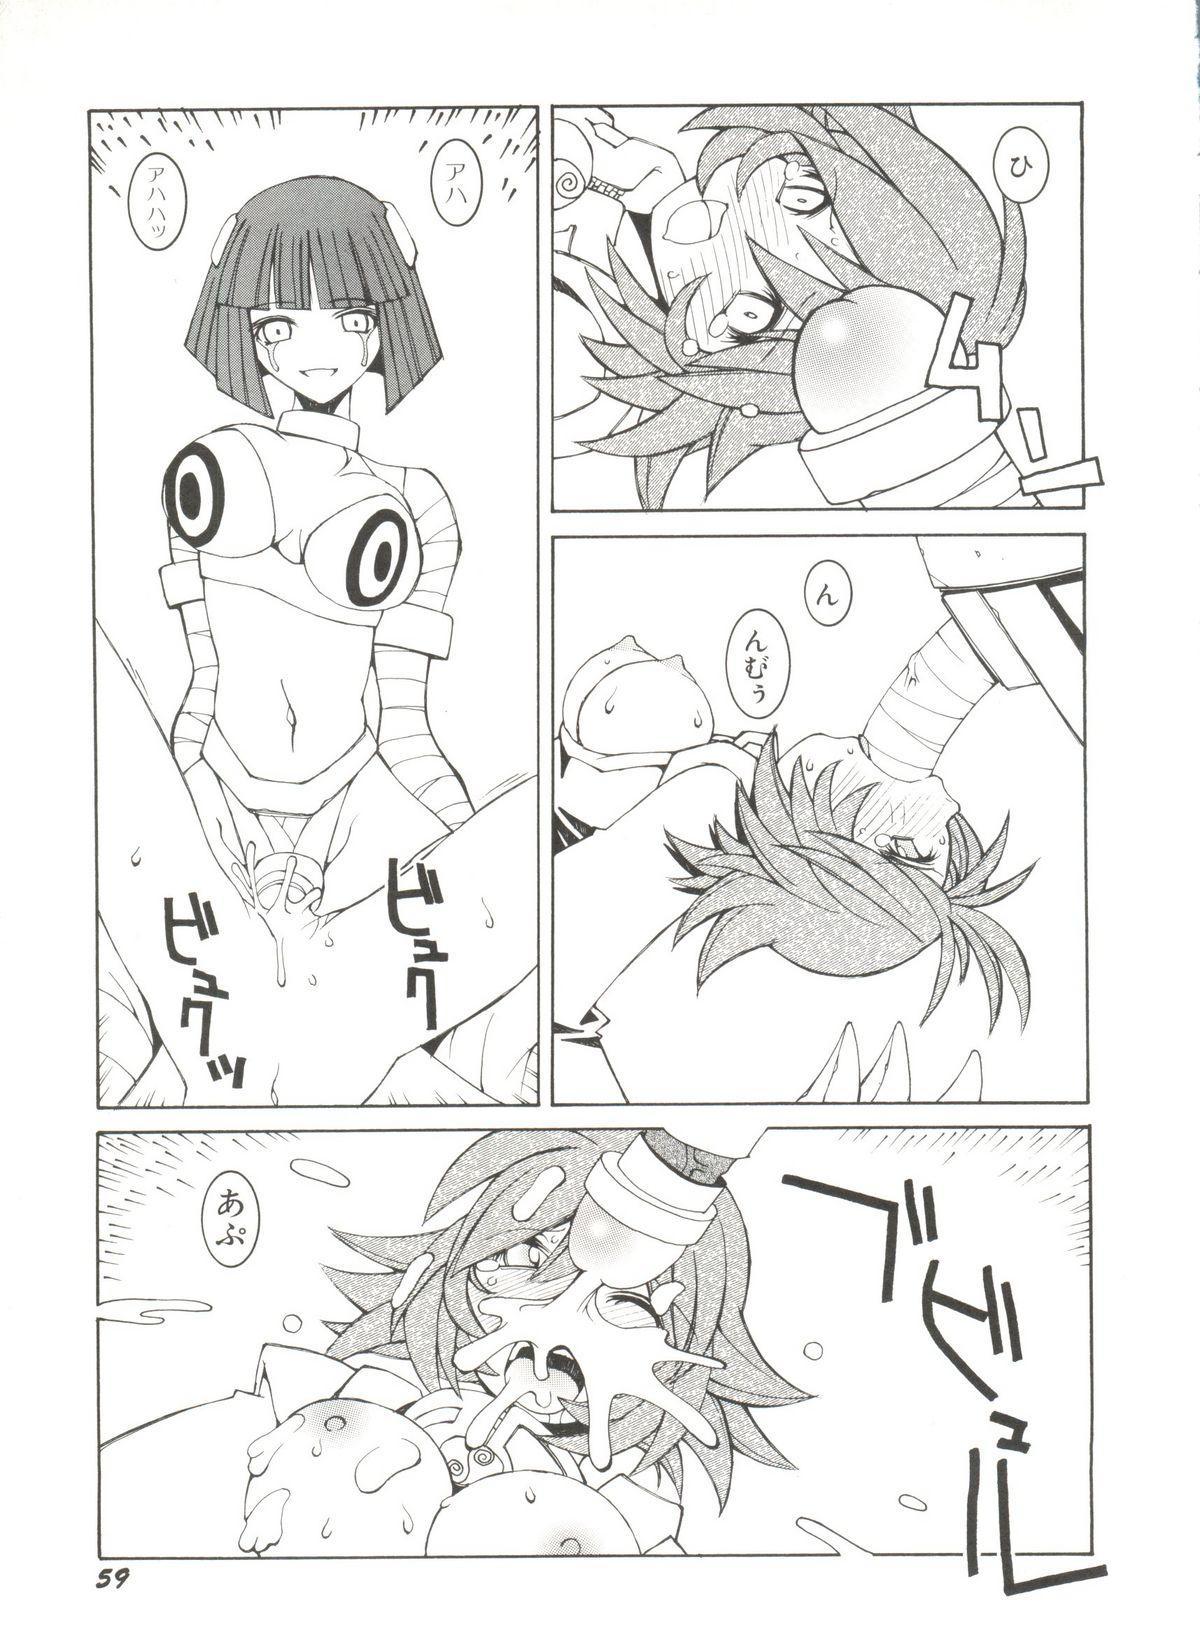 Denei Tamate Bako Bishoujo Doujinshi Anthology Vol. 2 - Nishinhou no Tenshi 62